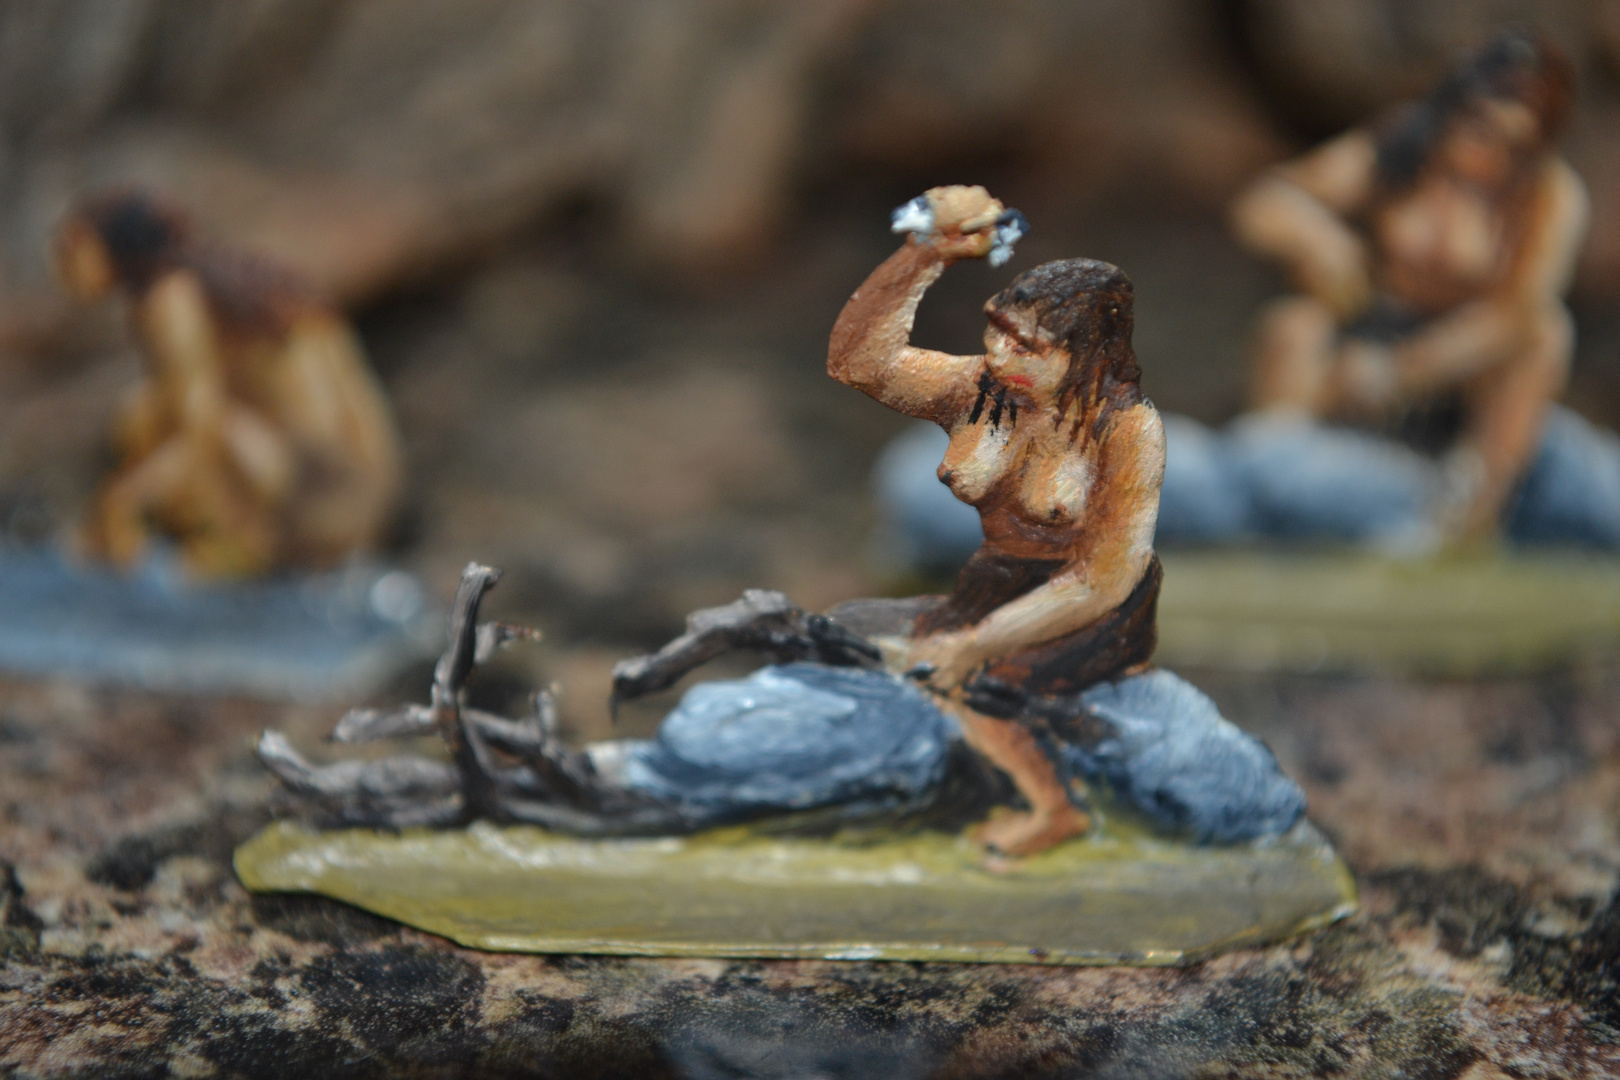 Zinnfiguren, von mir bemalt mit Ölfarben, 1980 : Neandertalerin bei der Arbeit - Für Diorahma